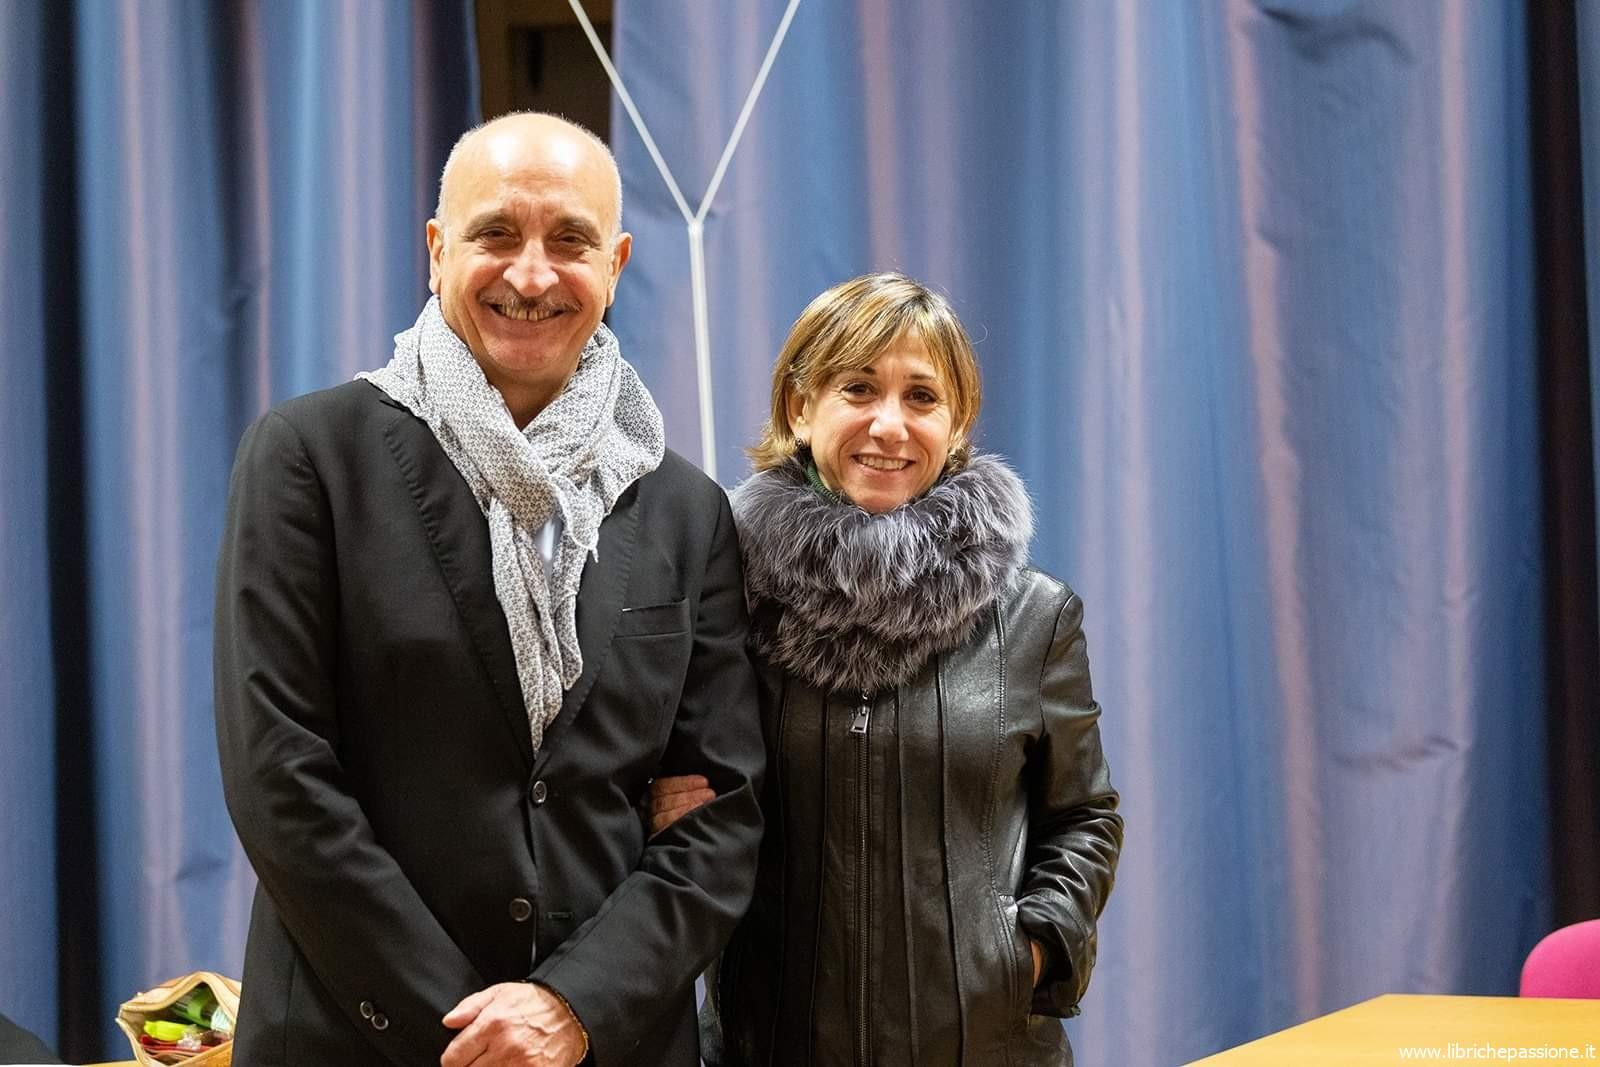 Incontro con gli autori: Filomena (Lena) Lombardo e Enrico Inferrera, 16 Novembre 2019 Induno Olona presso Zer'art